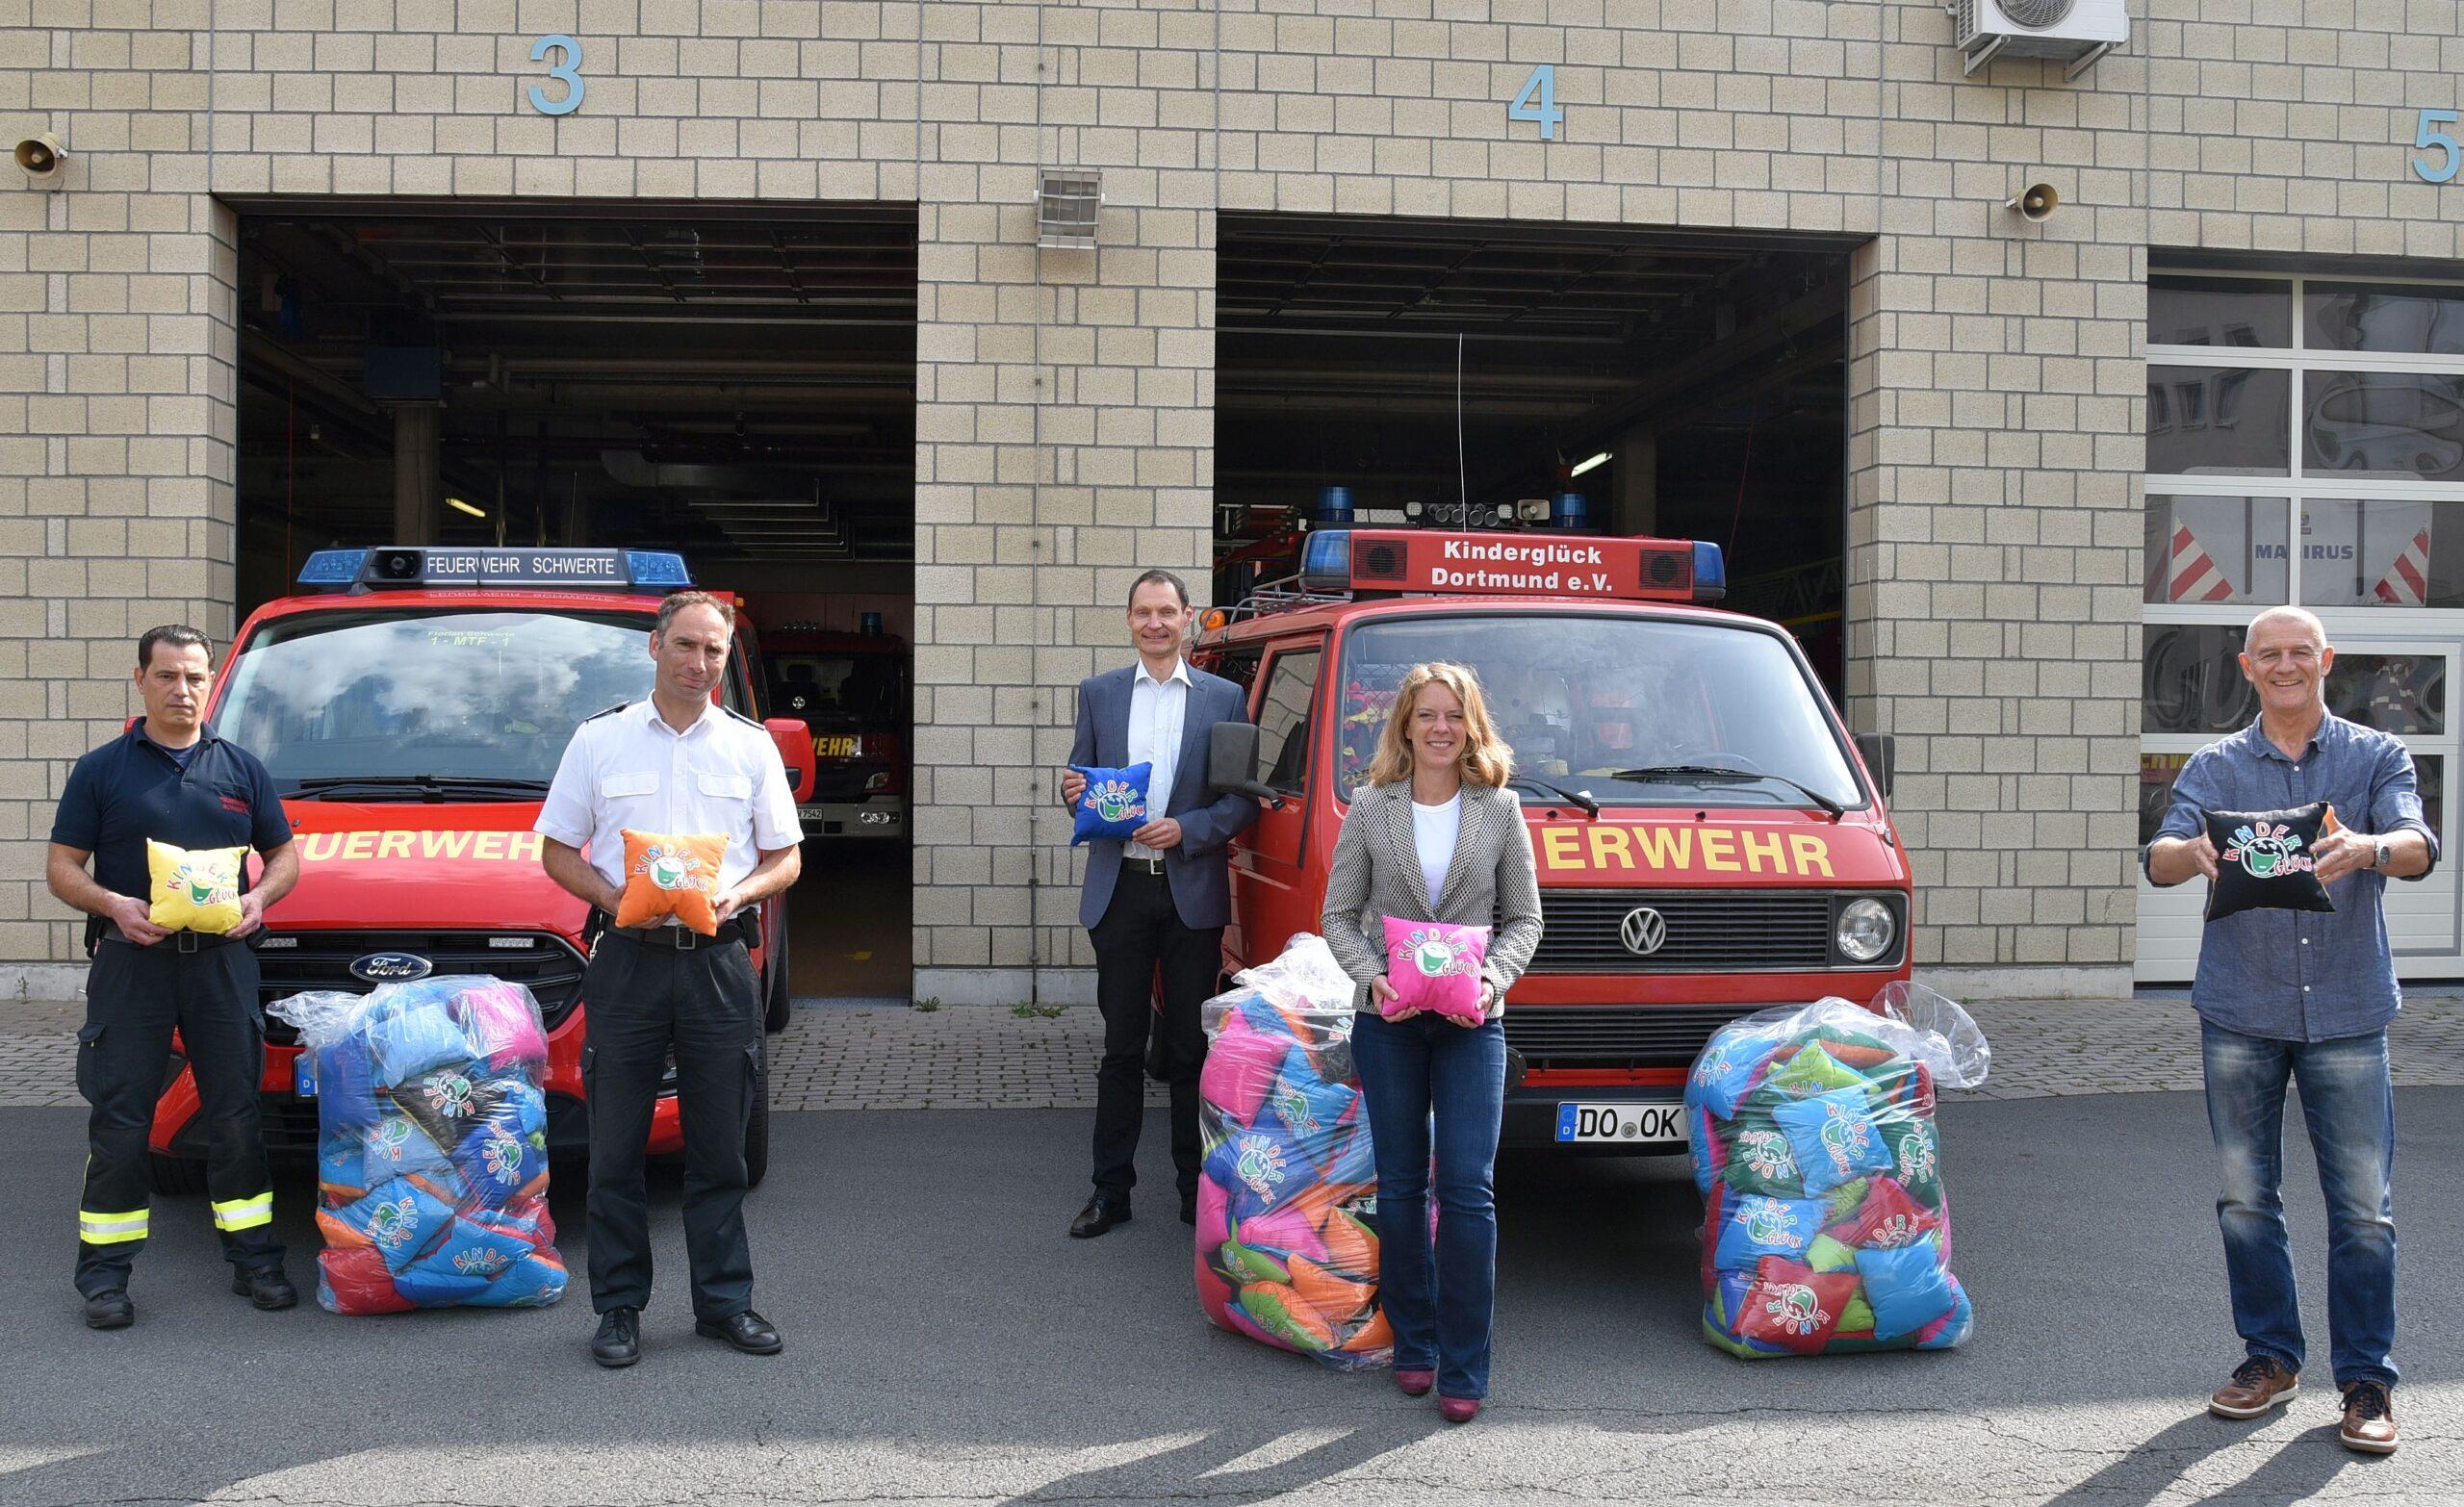 Feuerwehr Schwerte Stiftung Kinderglück